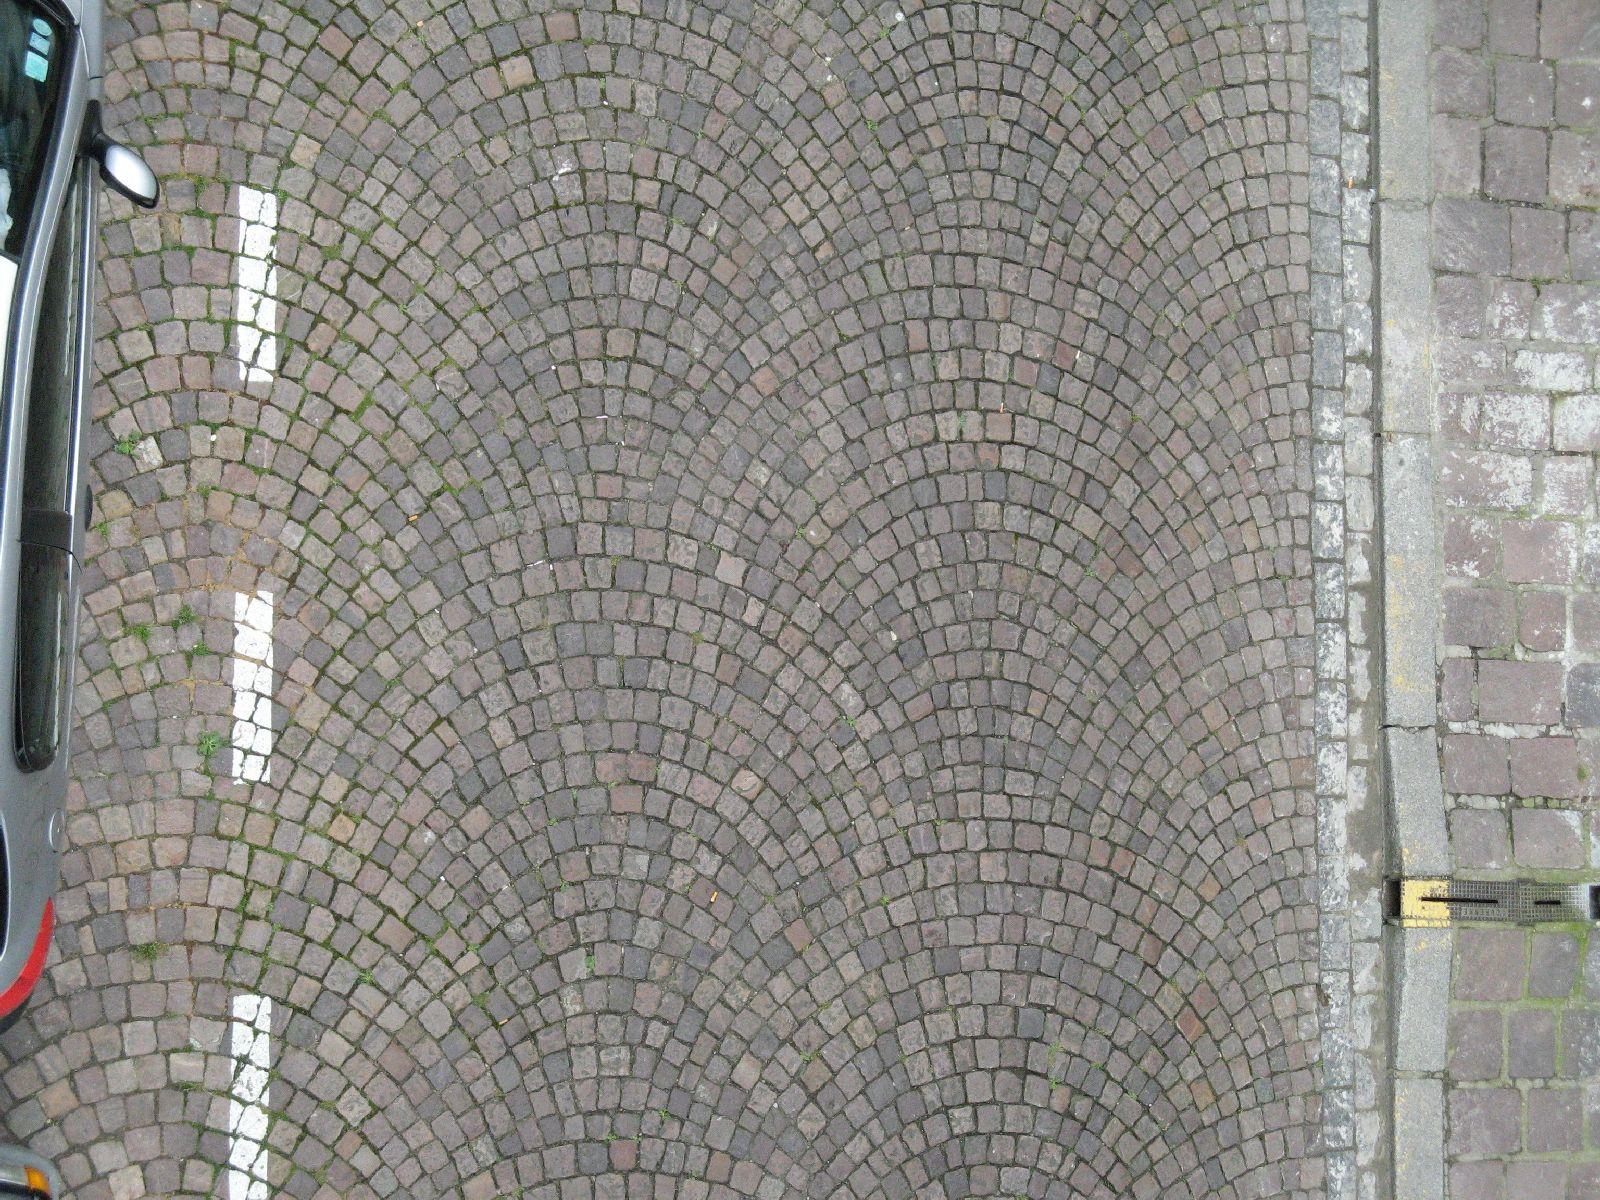 Ground-Urban_Texture_B_1863